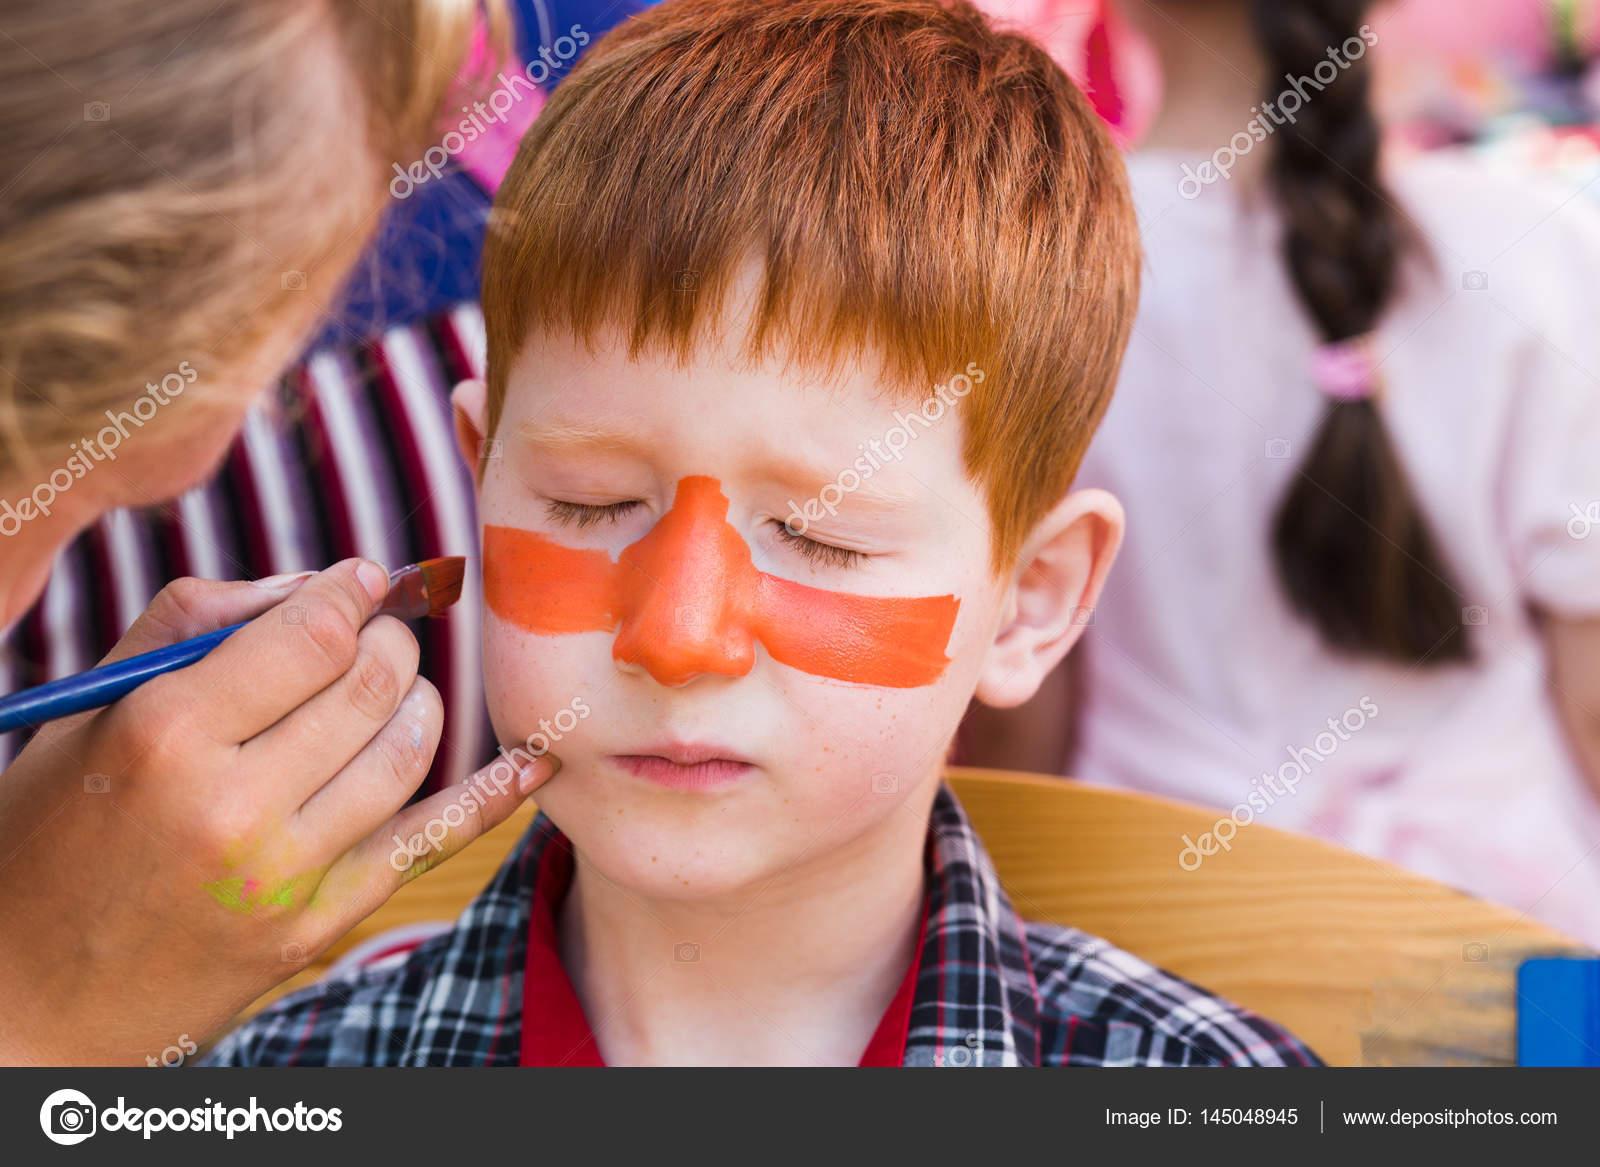 Kind jongen gezicht schilderen tijger ogen besluitvormingsproces